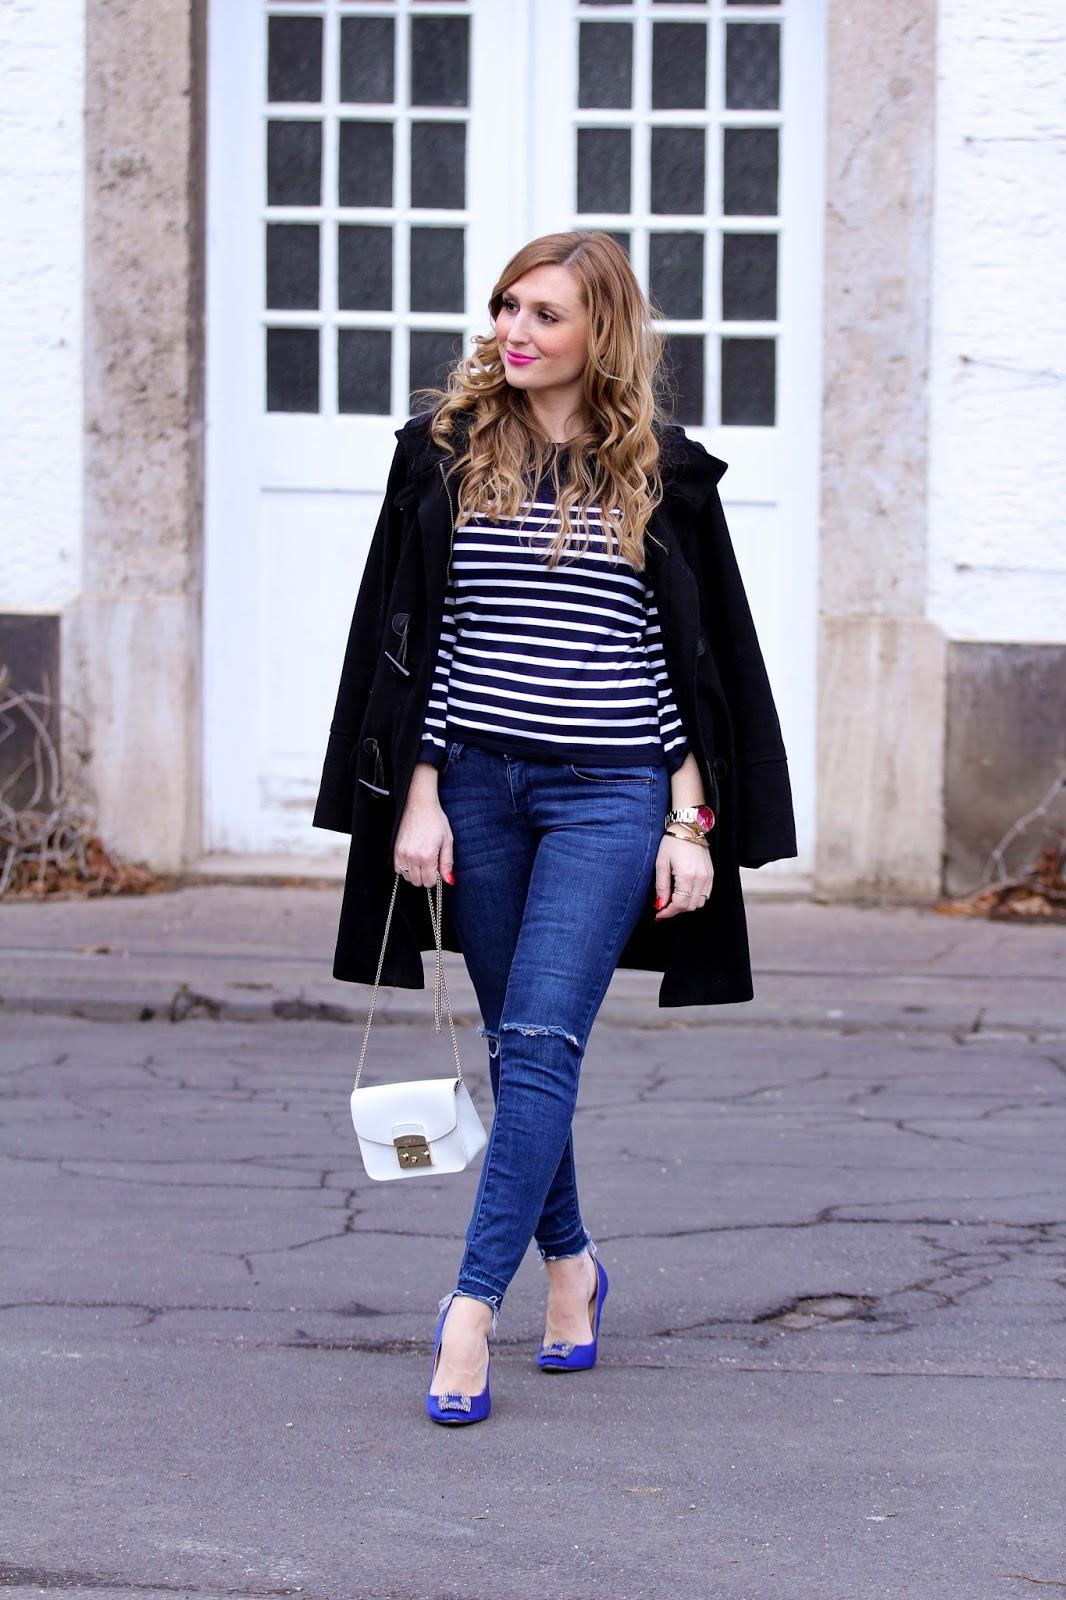 Fashionstylebyjohanna-Marine-Look-Marine-Pullover-Streifenpulli-Weiße-Furla-Tasche-Blogger-aus Deutschland-Jessica-Buurman-Schuhe